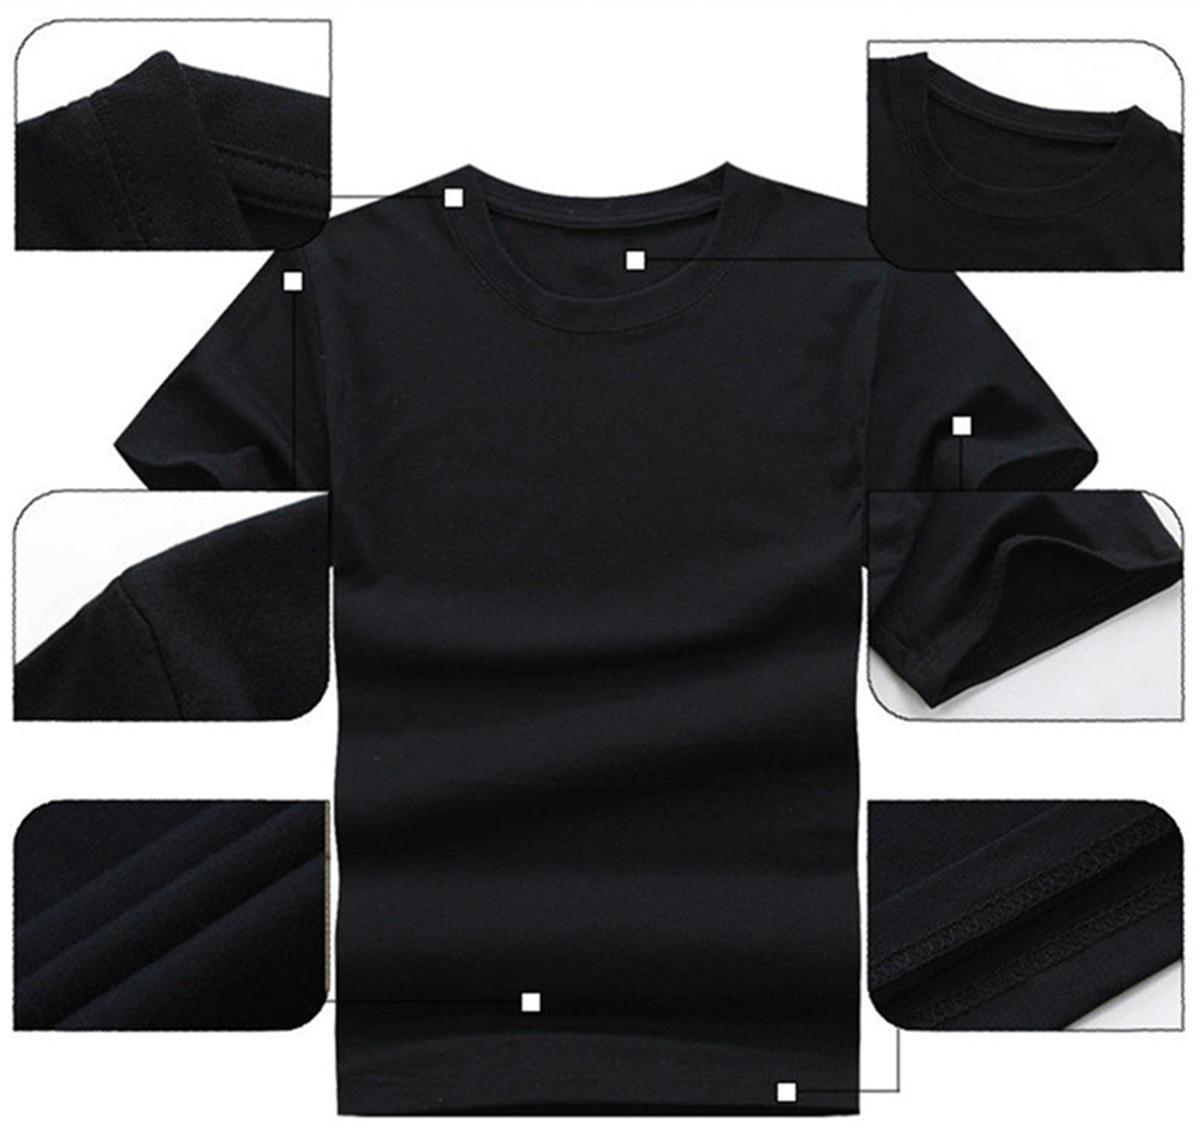 Gildan врач может трудотерапевты Футболка Мужская мода футболки одежда из хлопка с принтом воротник рубашки мужские